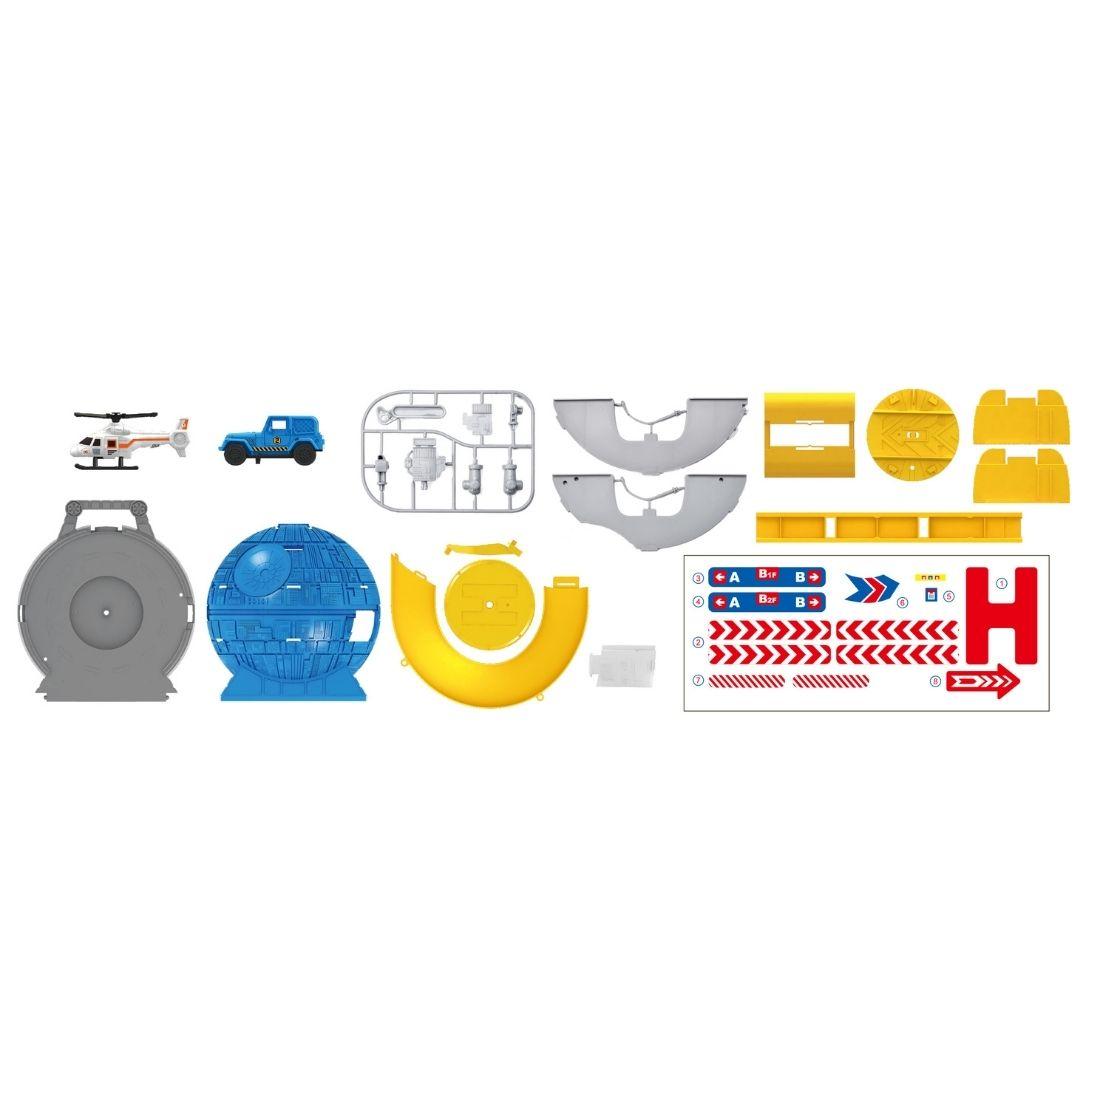 Brinquedo Pista Estacionamento Carro Posto Elevador Infantil